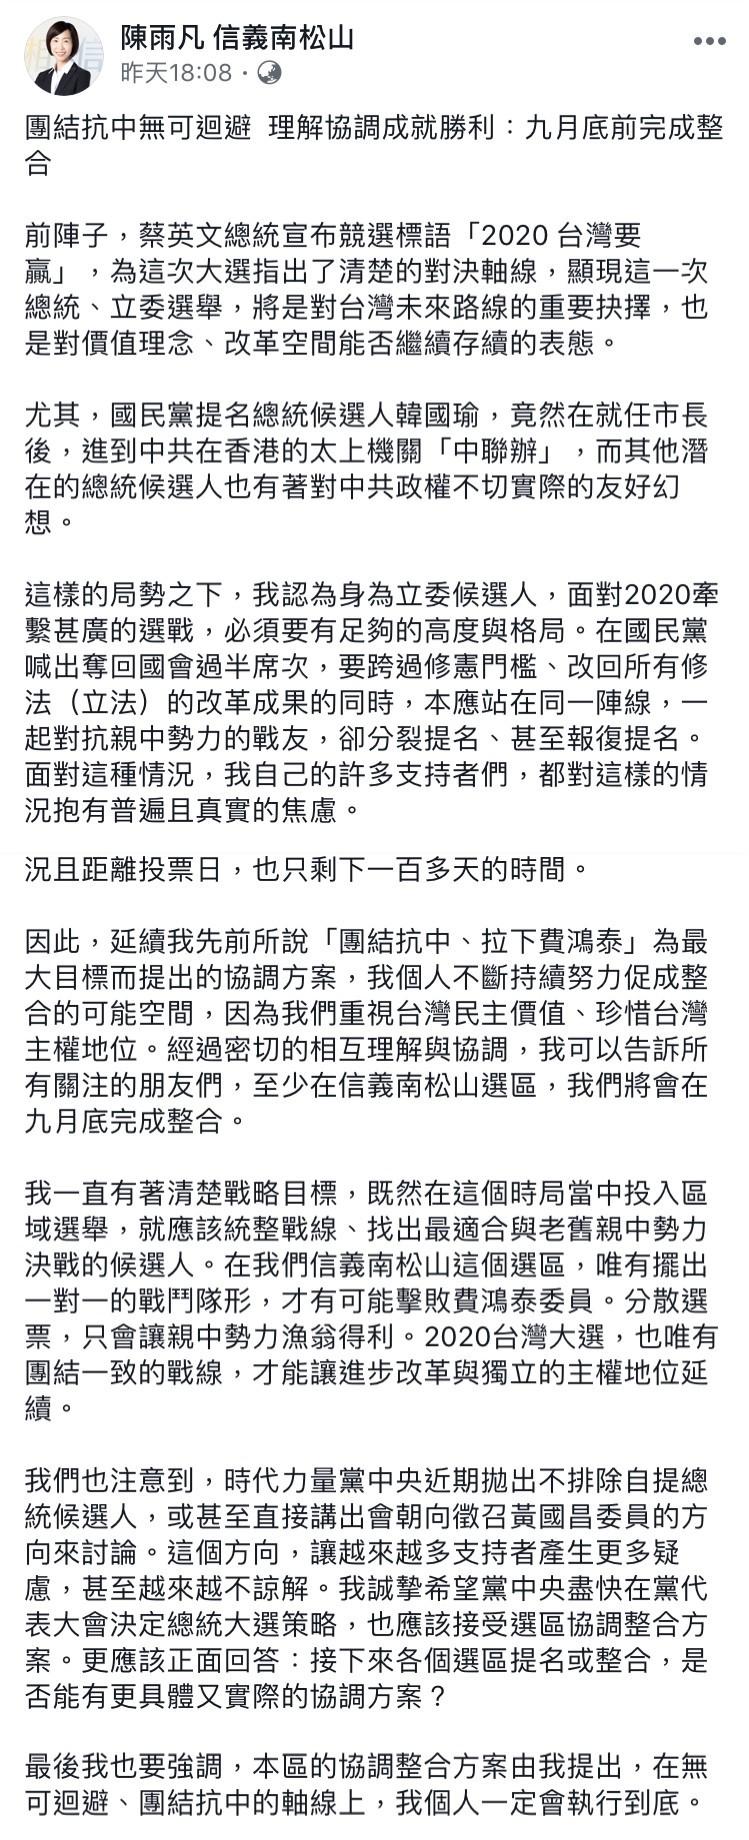 陳雨凡昨(12)日在臉書表示,將會在9月底完成整合。(圖擷取自陳雨凡臉書)